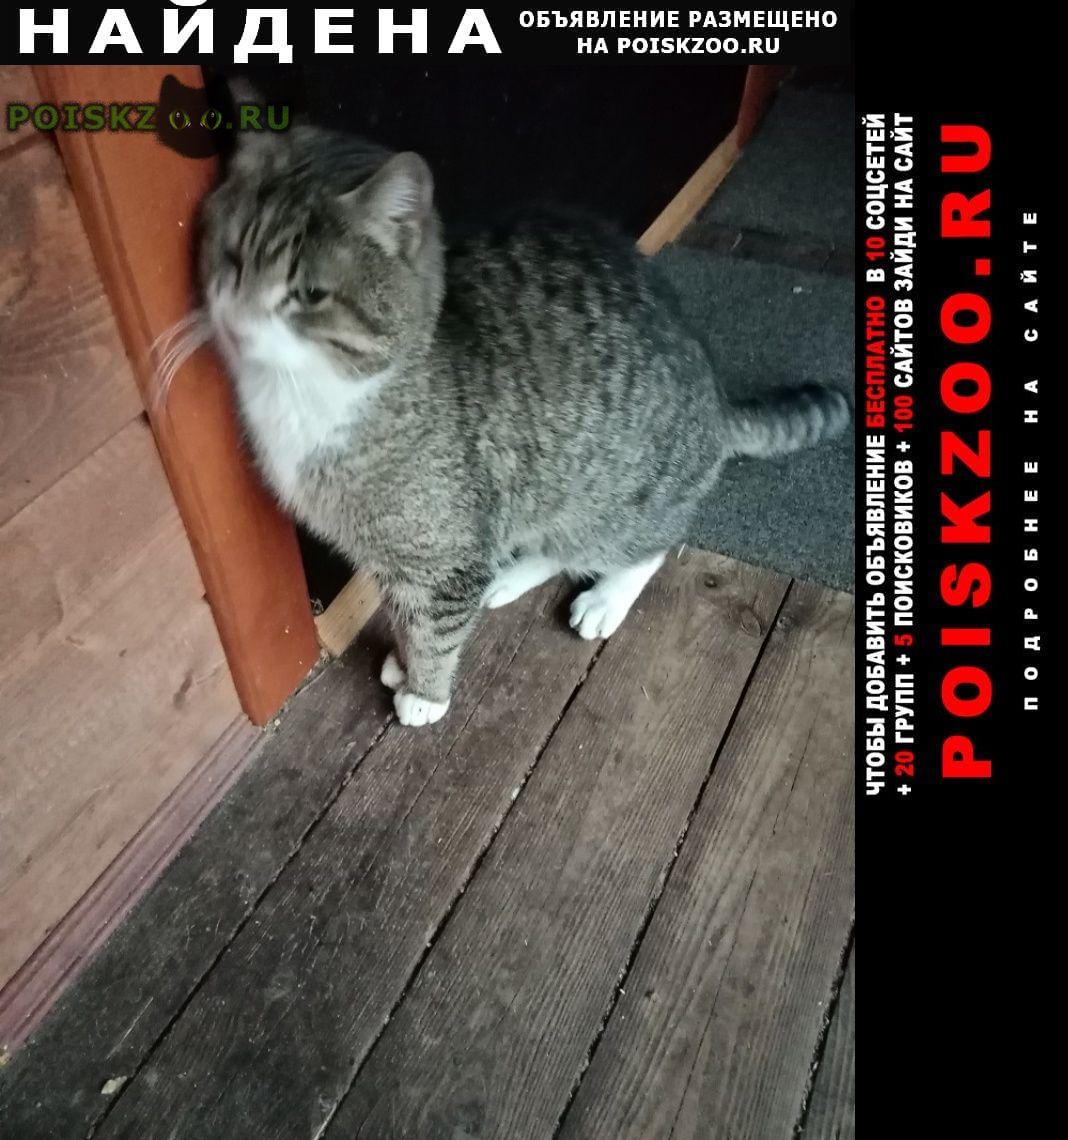 Найден кот, домашний прибился снт брусничка г.Волхов